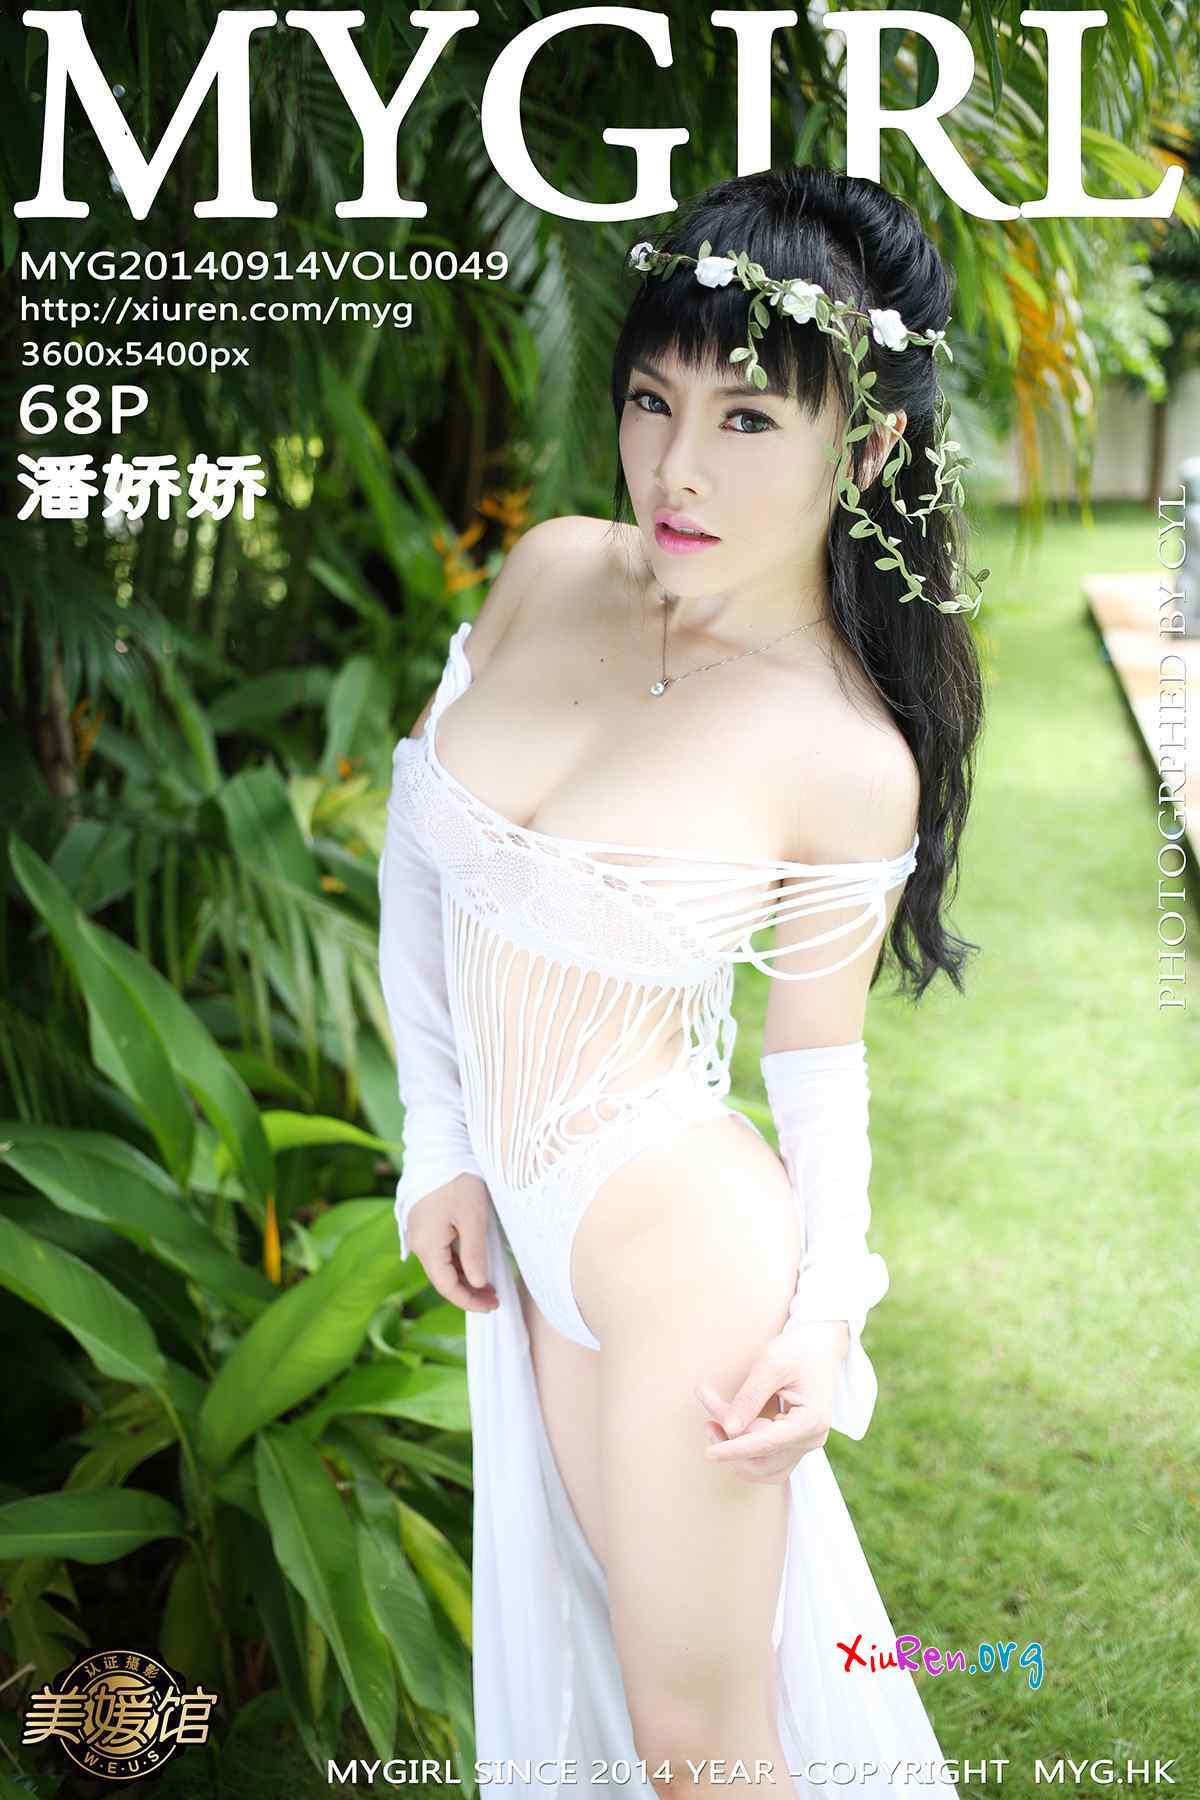 mygirl-049-cover.jpg